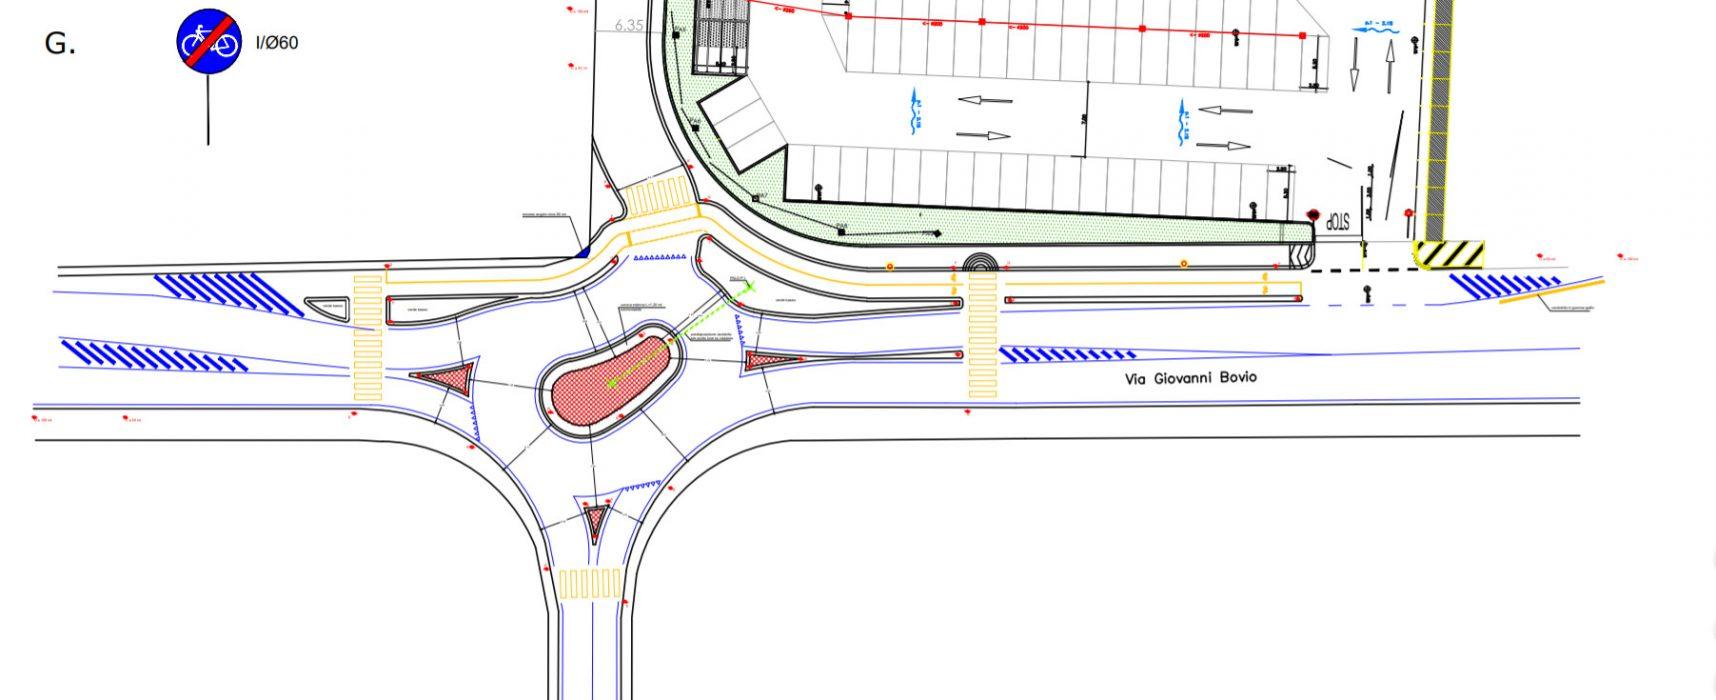 Nuova rotatoria e pista ciclabile su via Giovanni Bovio, iniziativa dei privati